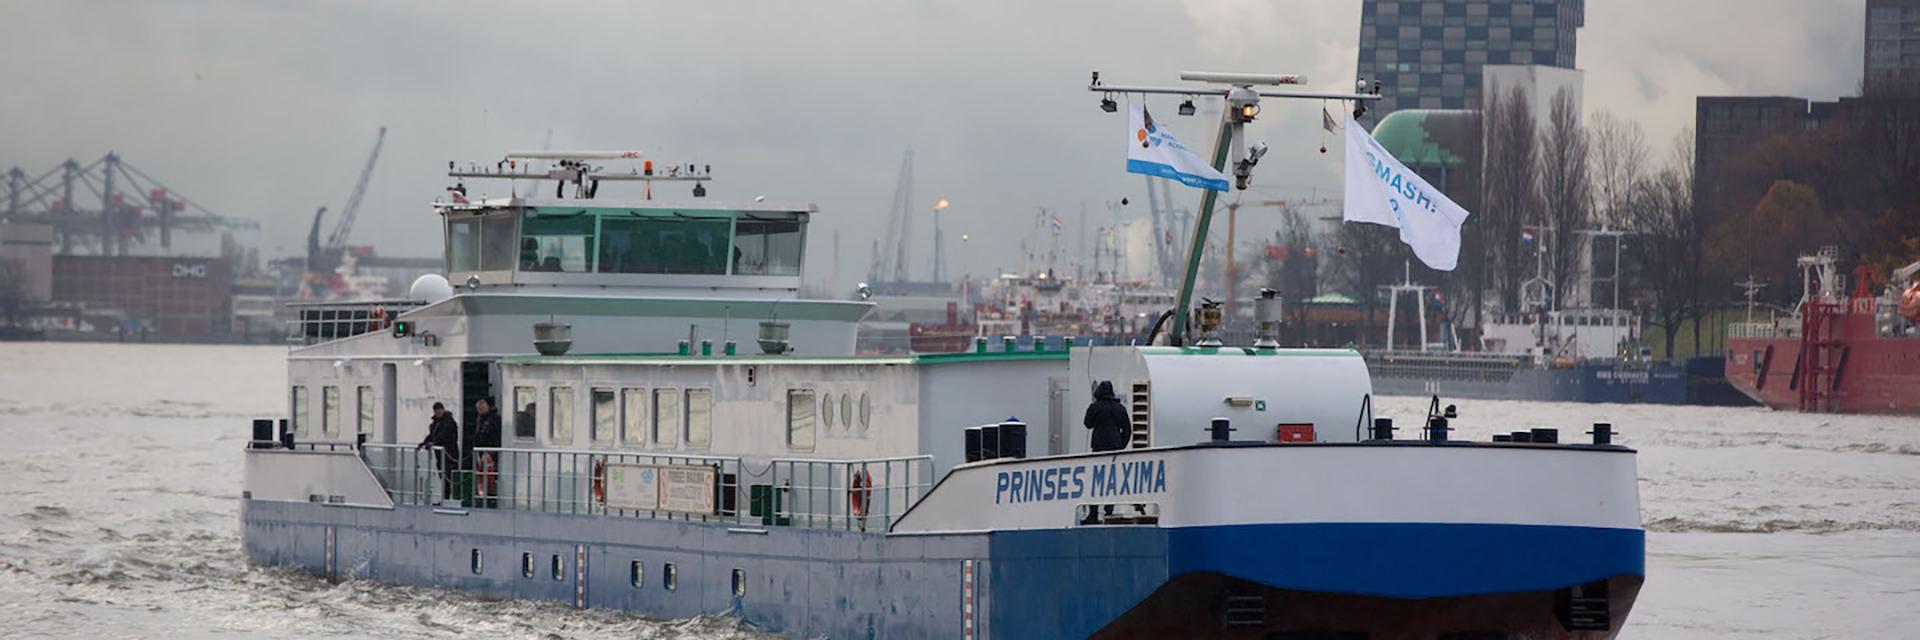 Een decoratieve foto waarop een boot te zien is. De boot heet Prinses Máxima.